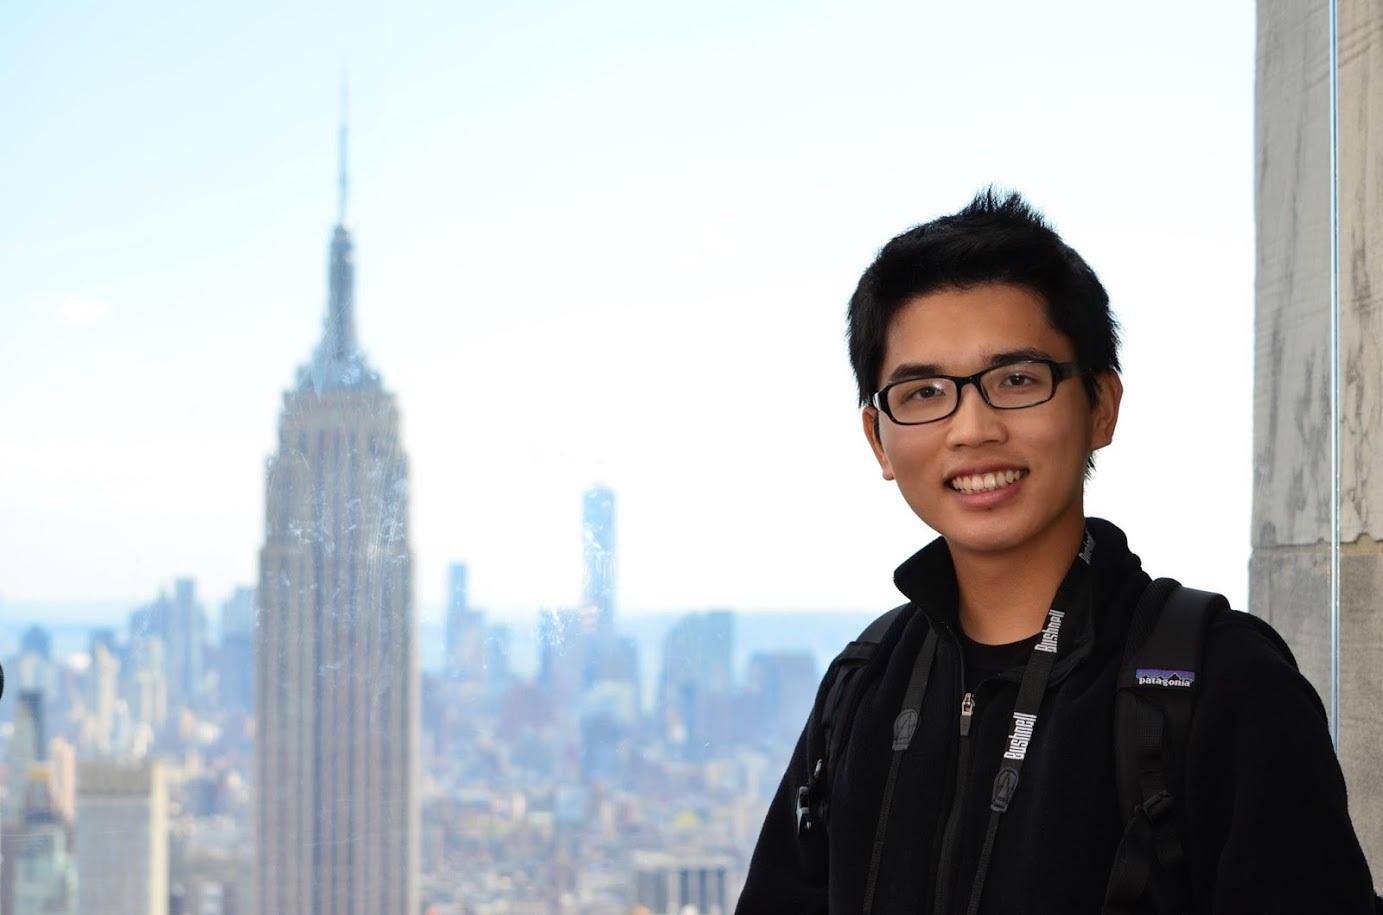 Từ Huy chương Đồng Tin học quốc tế đến kỹ sư tại Google